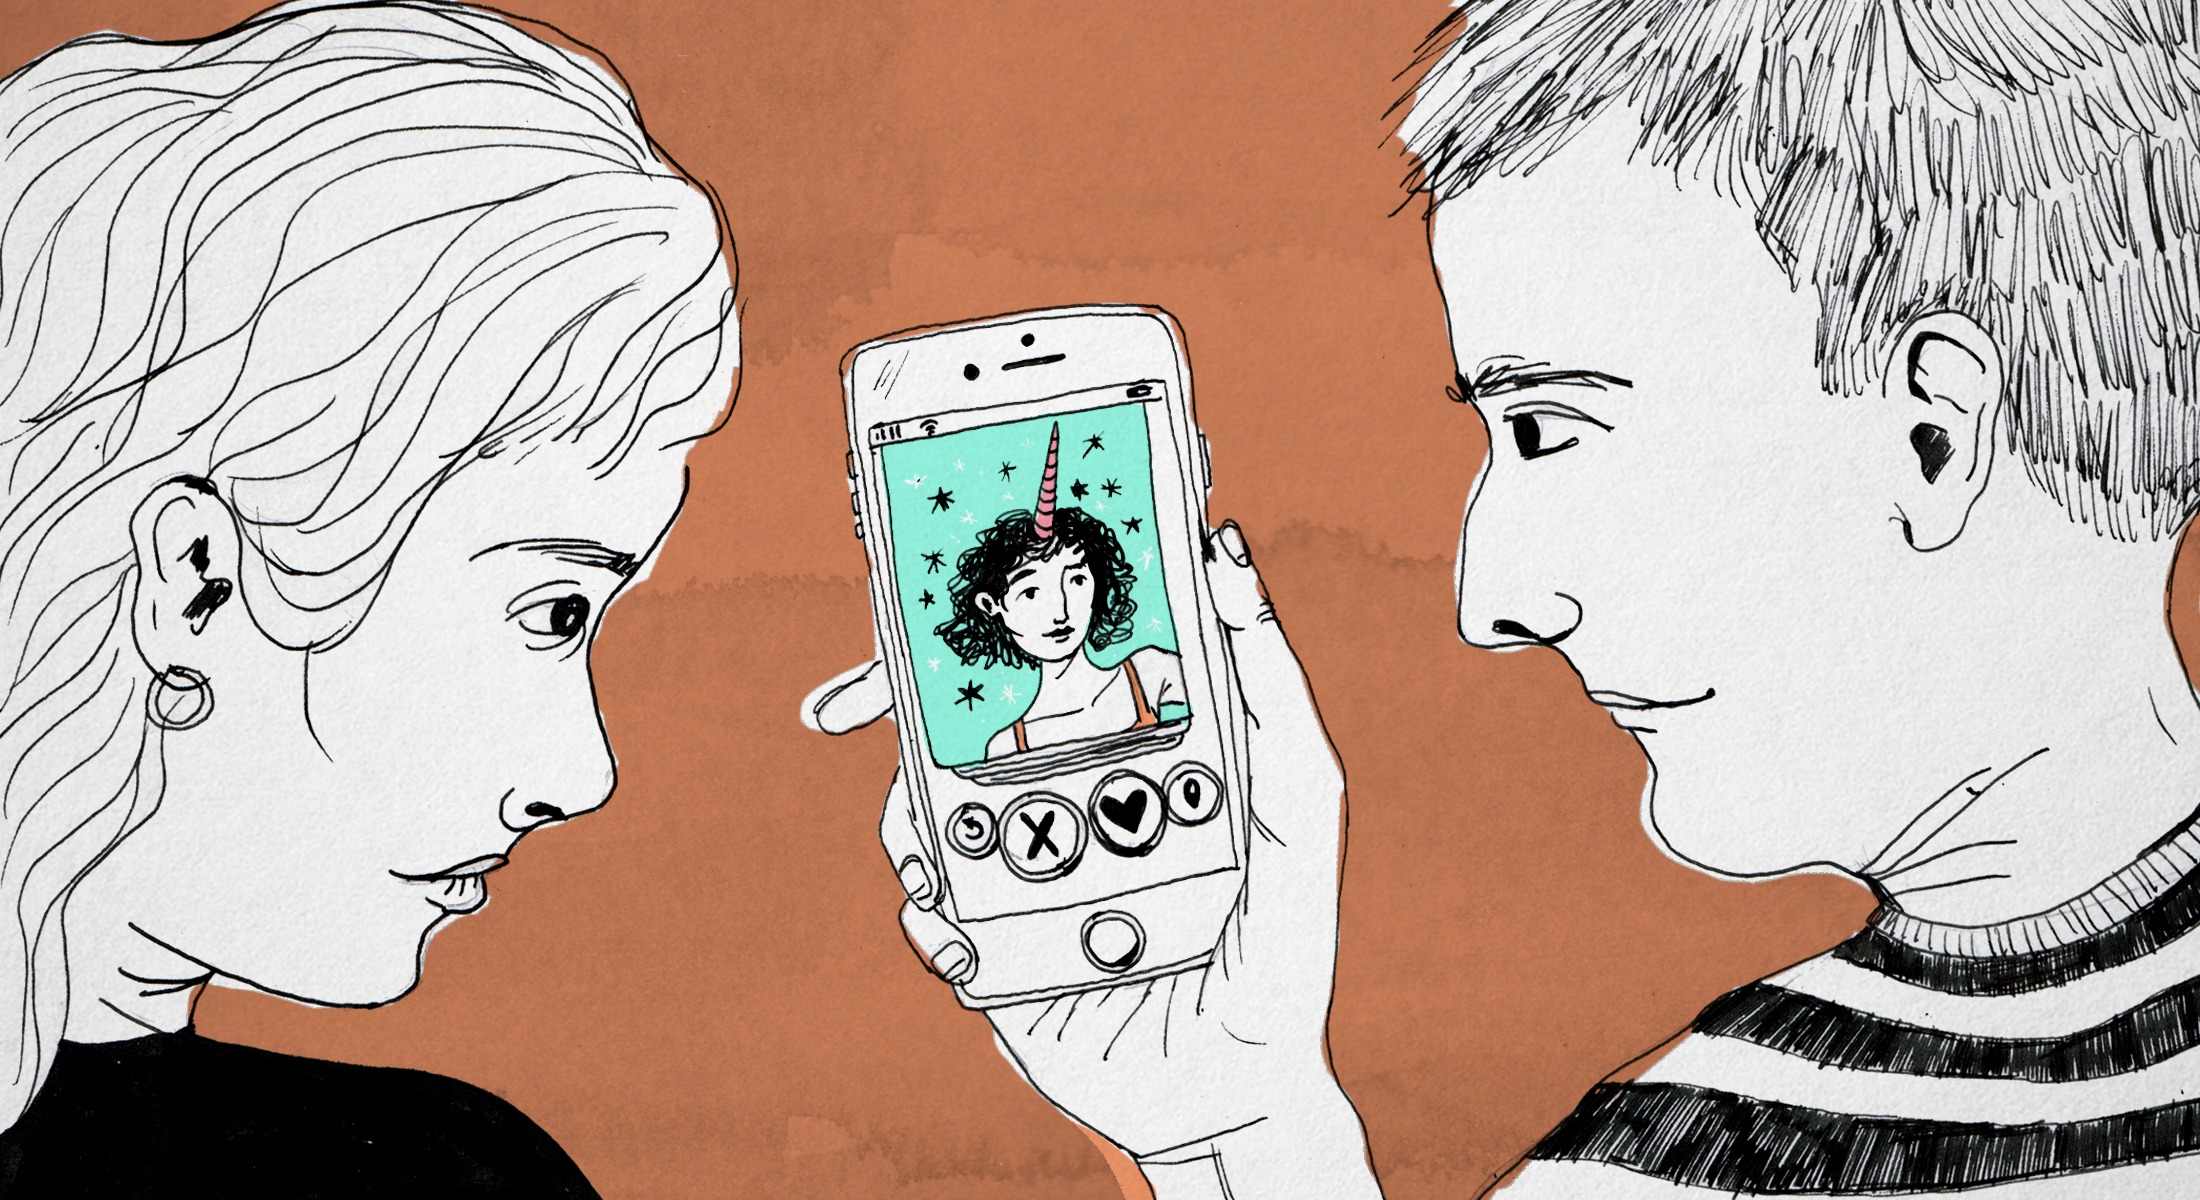 Wat betekent het zien van iemand bedoel dating dating iemand met geen dating ervaring